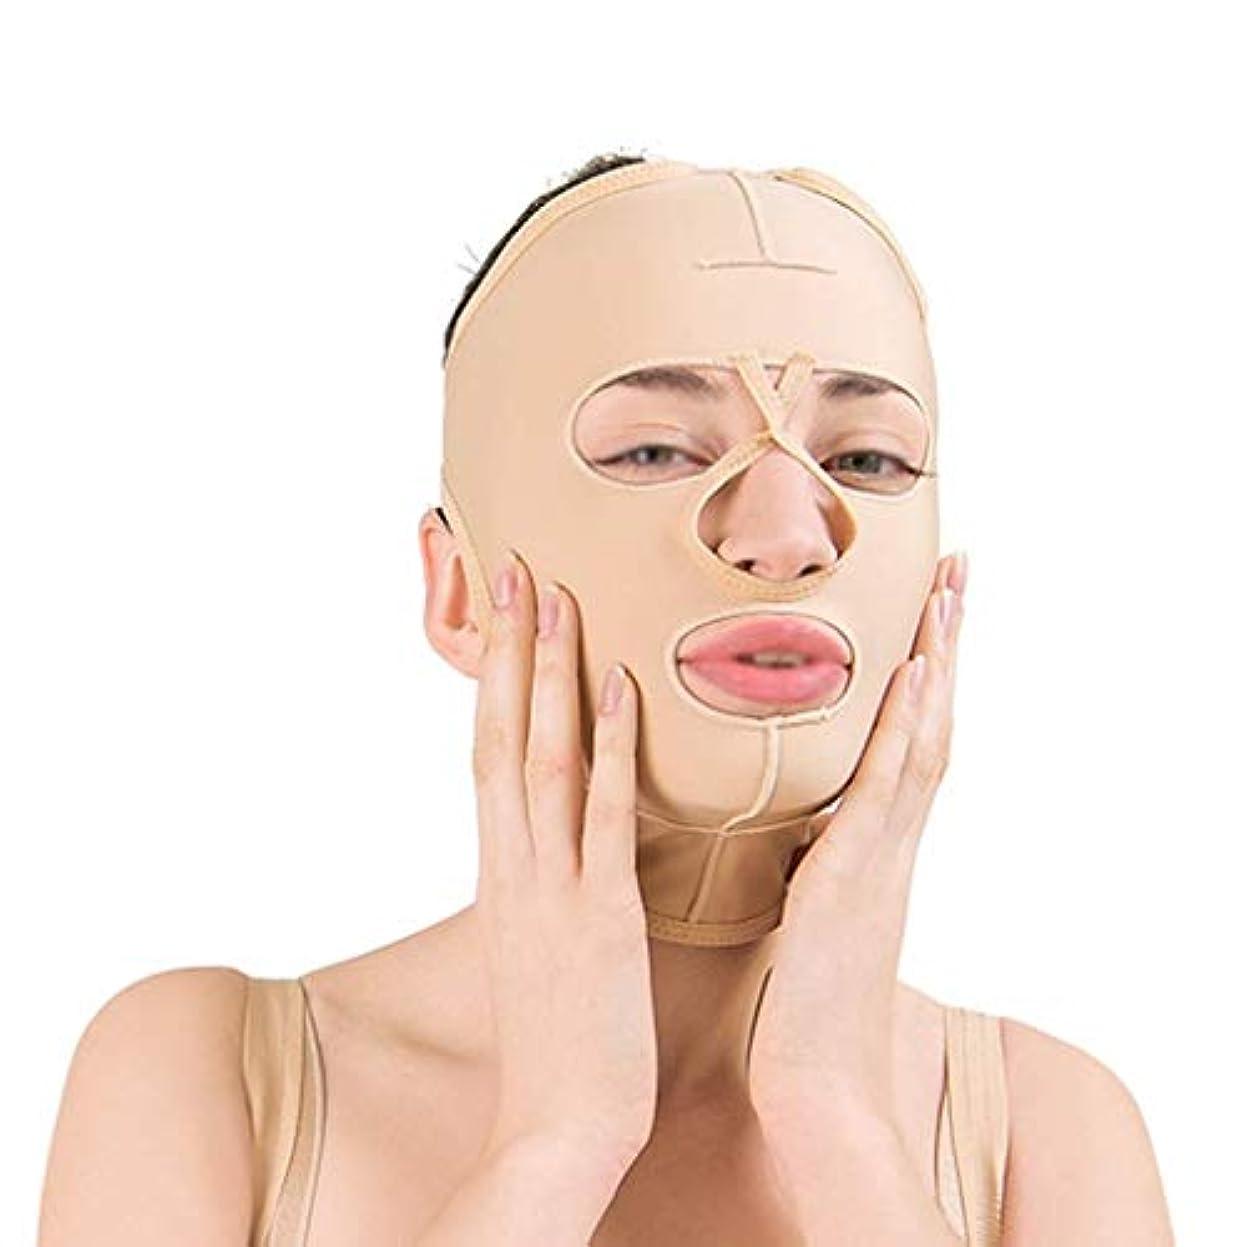 階層農業の同盟フェイススリミングマスク、フェイスバンデージ付きフェイシャル減量マスク、通気性フェイスリフト、引き締め、フェイスリフティング(サイズ:L),M